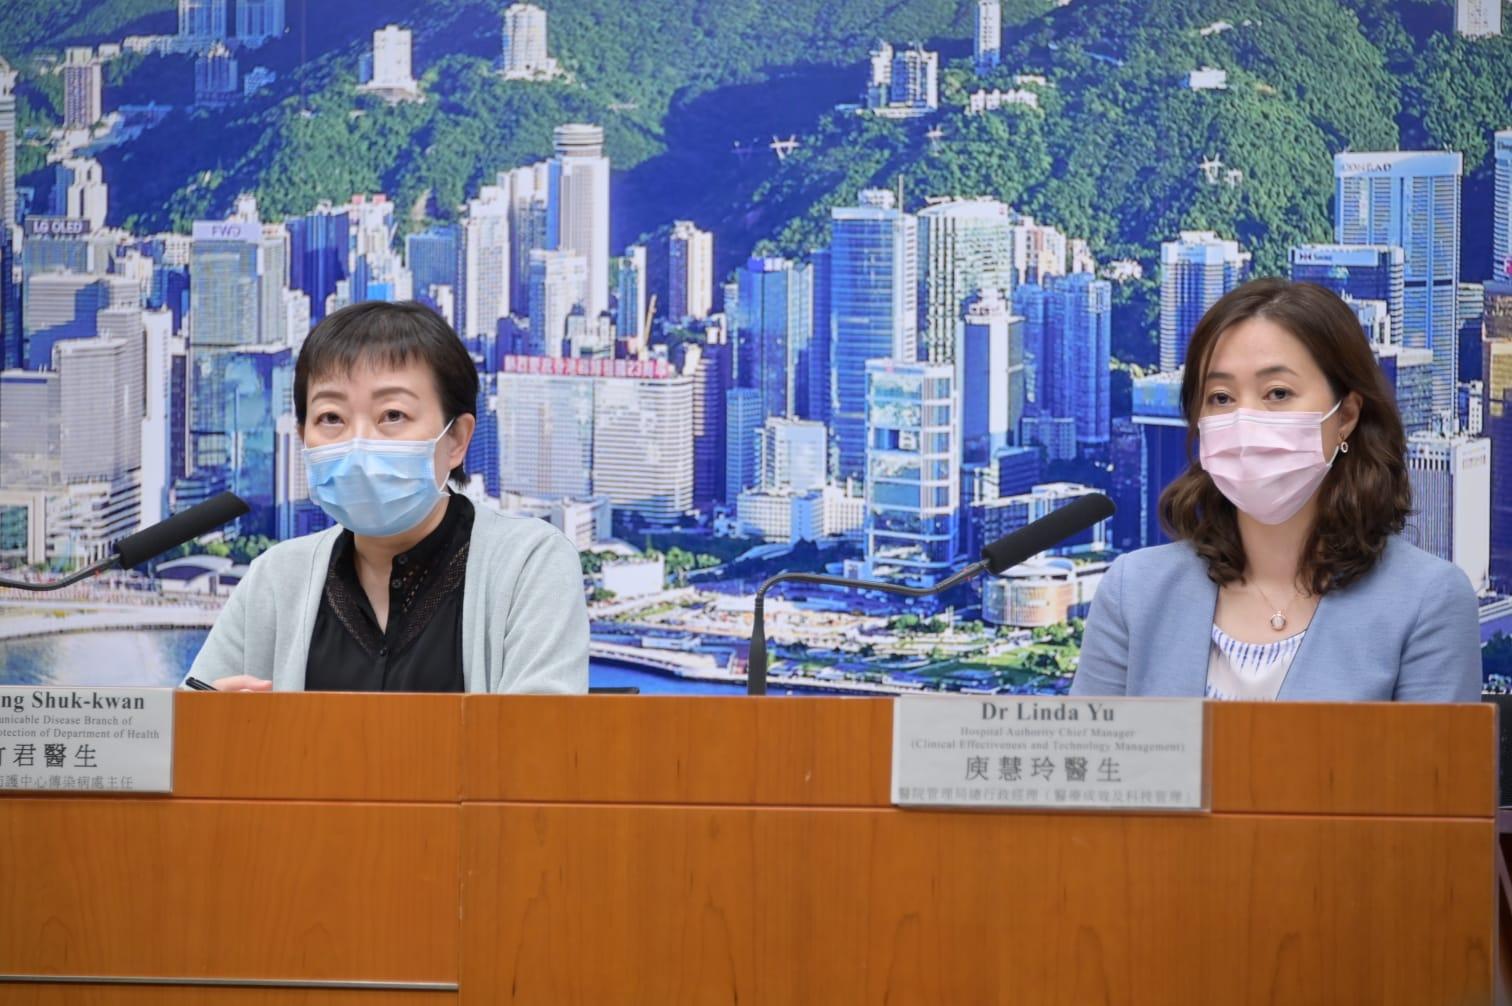 衛生防護中心宣佈,直至昨晚12時,新增中共肺炎(武漢肺炎)確診個案9宗。(郭威利/大紀元)